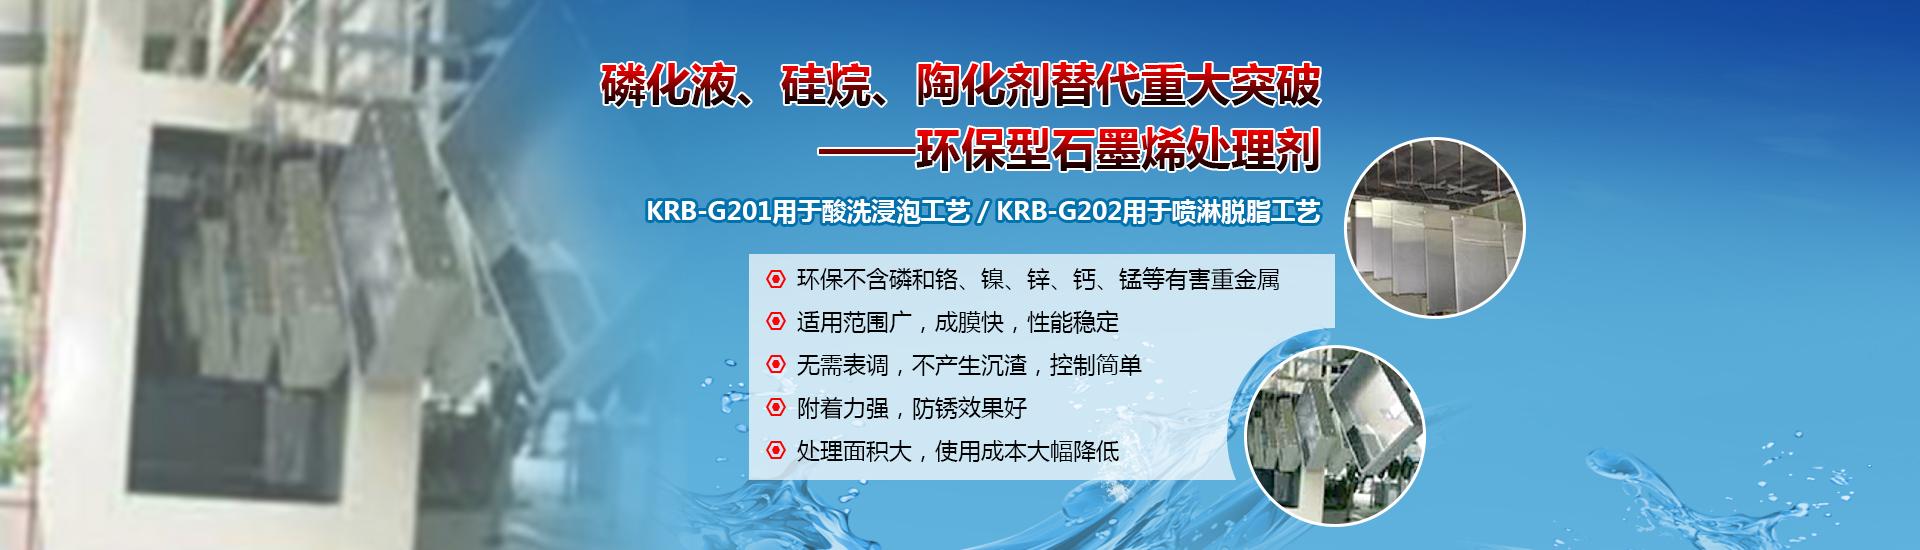 武汉科瑞博科技有限公司